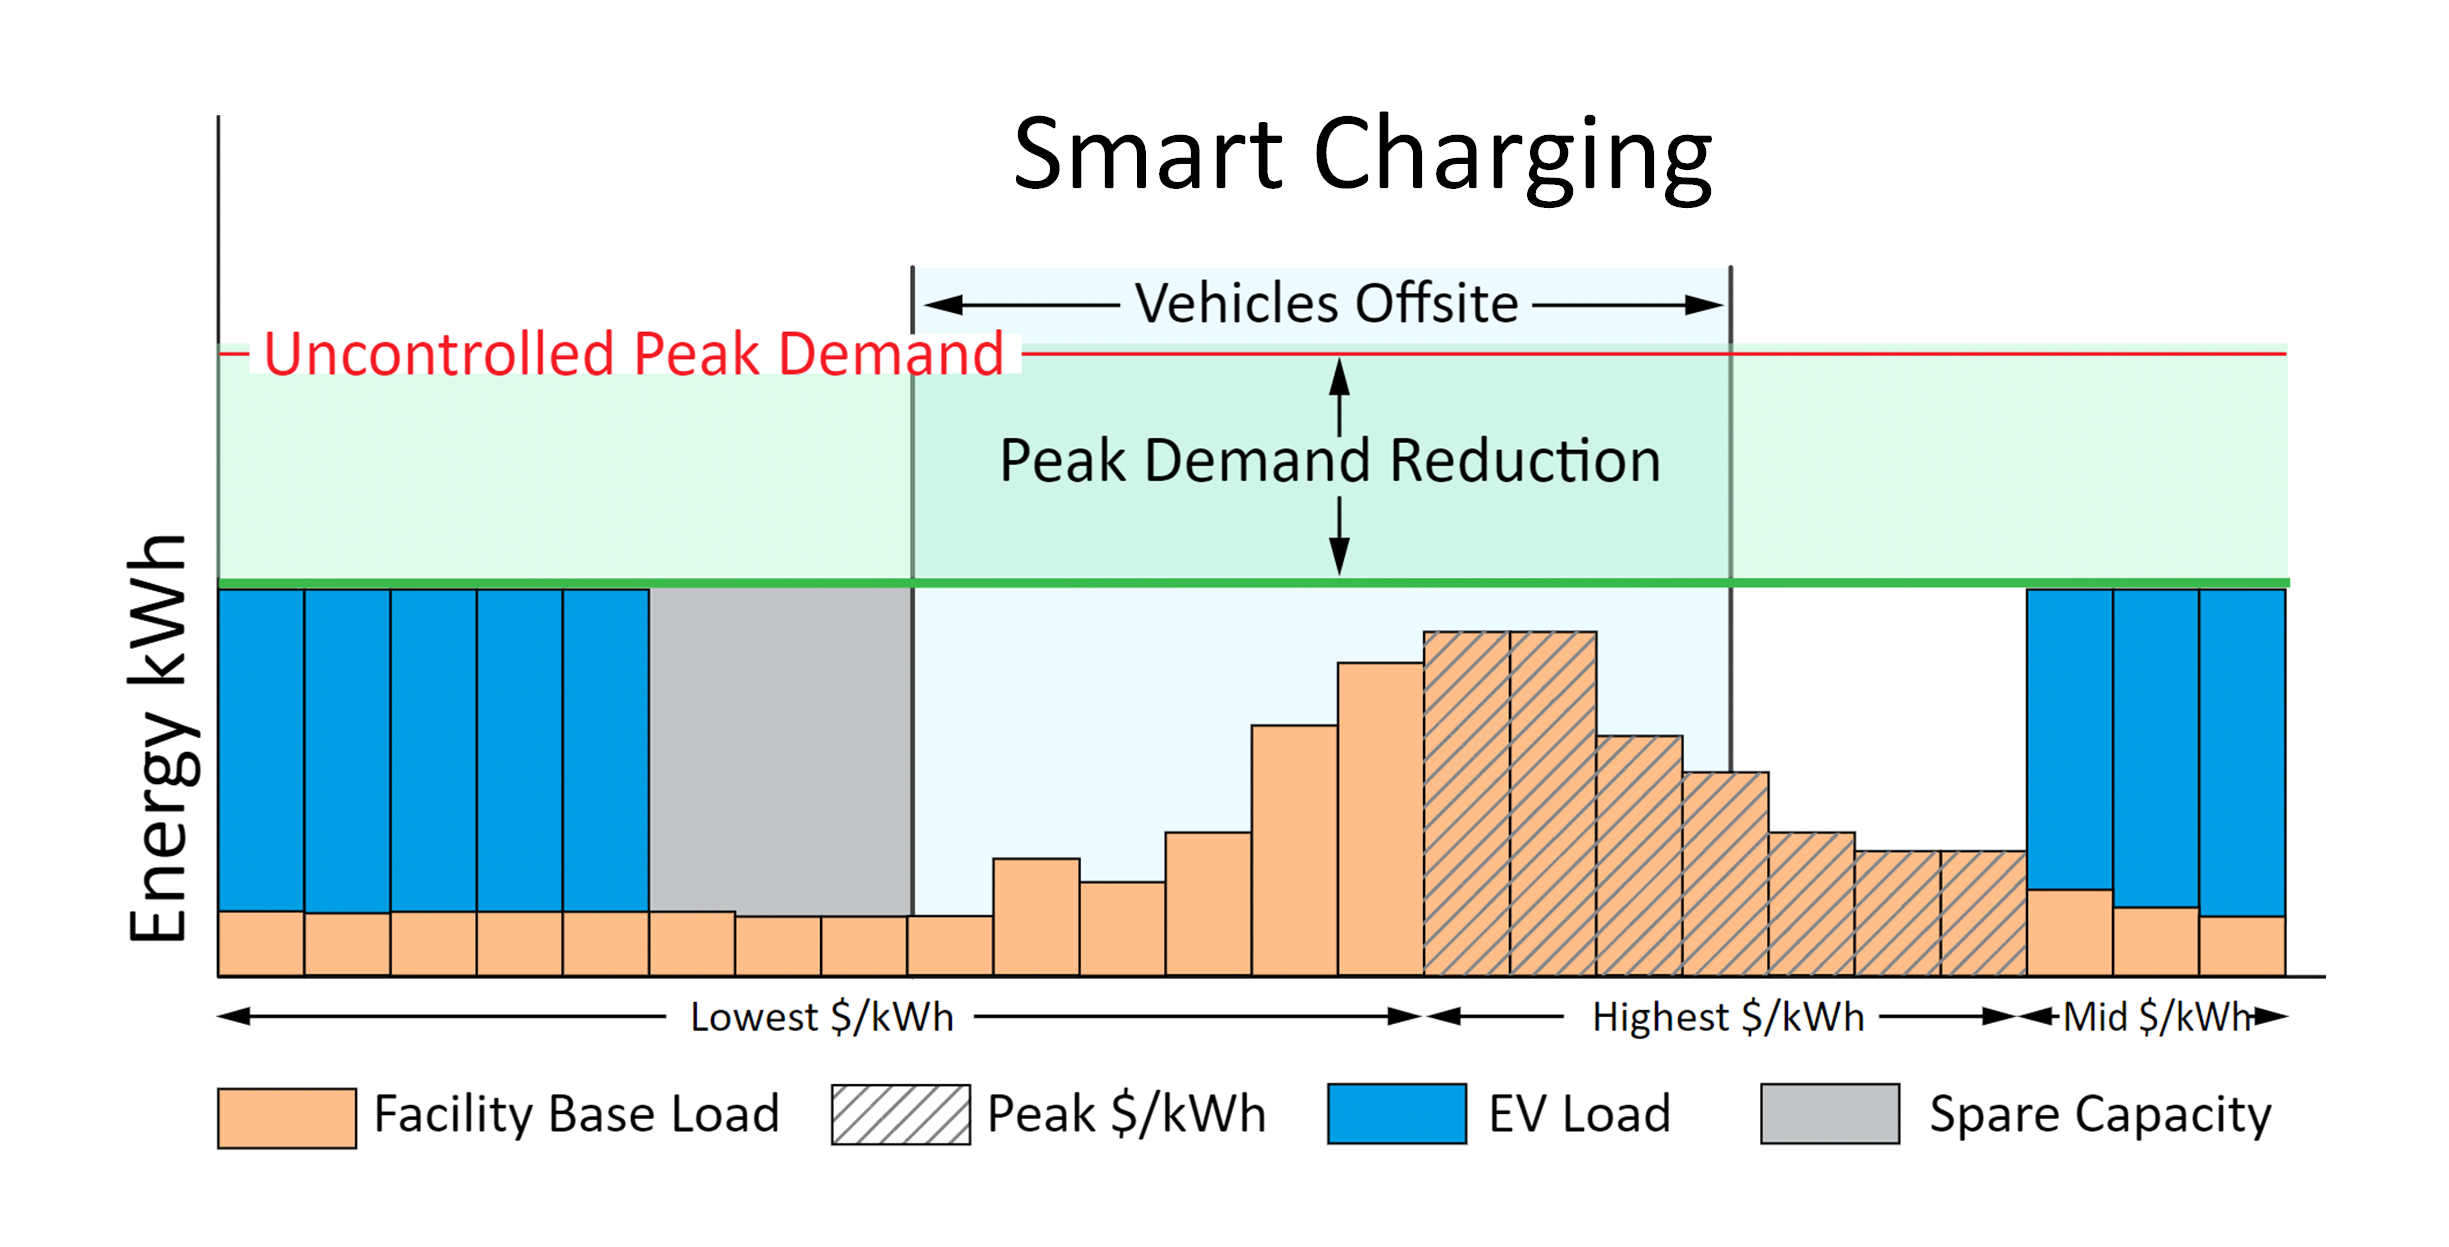 Fleet EV Smart Charging